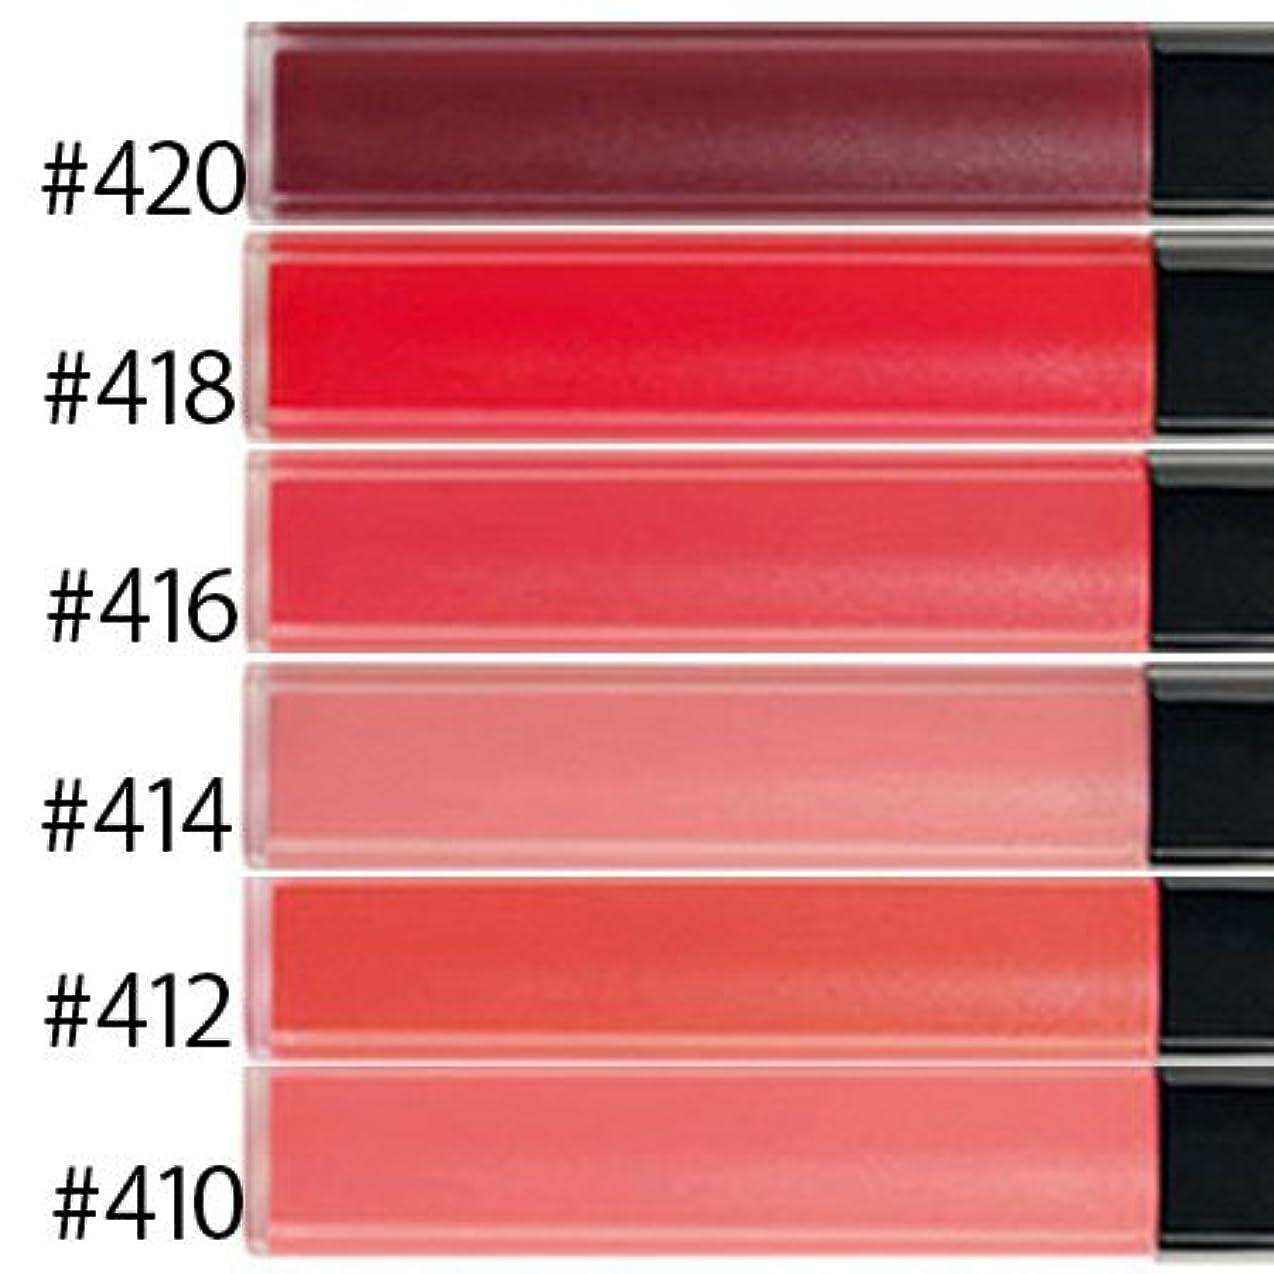 気をつけて最大分離するシャネル ルージュ ココ リップ ブラッシュ 5.5g 全6色 -CHANEL- 410